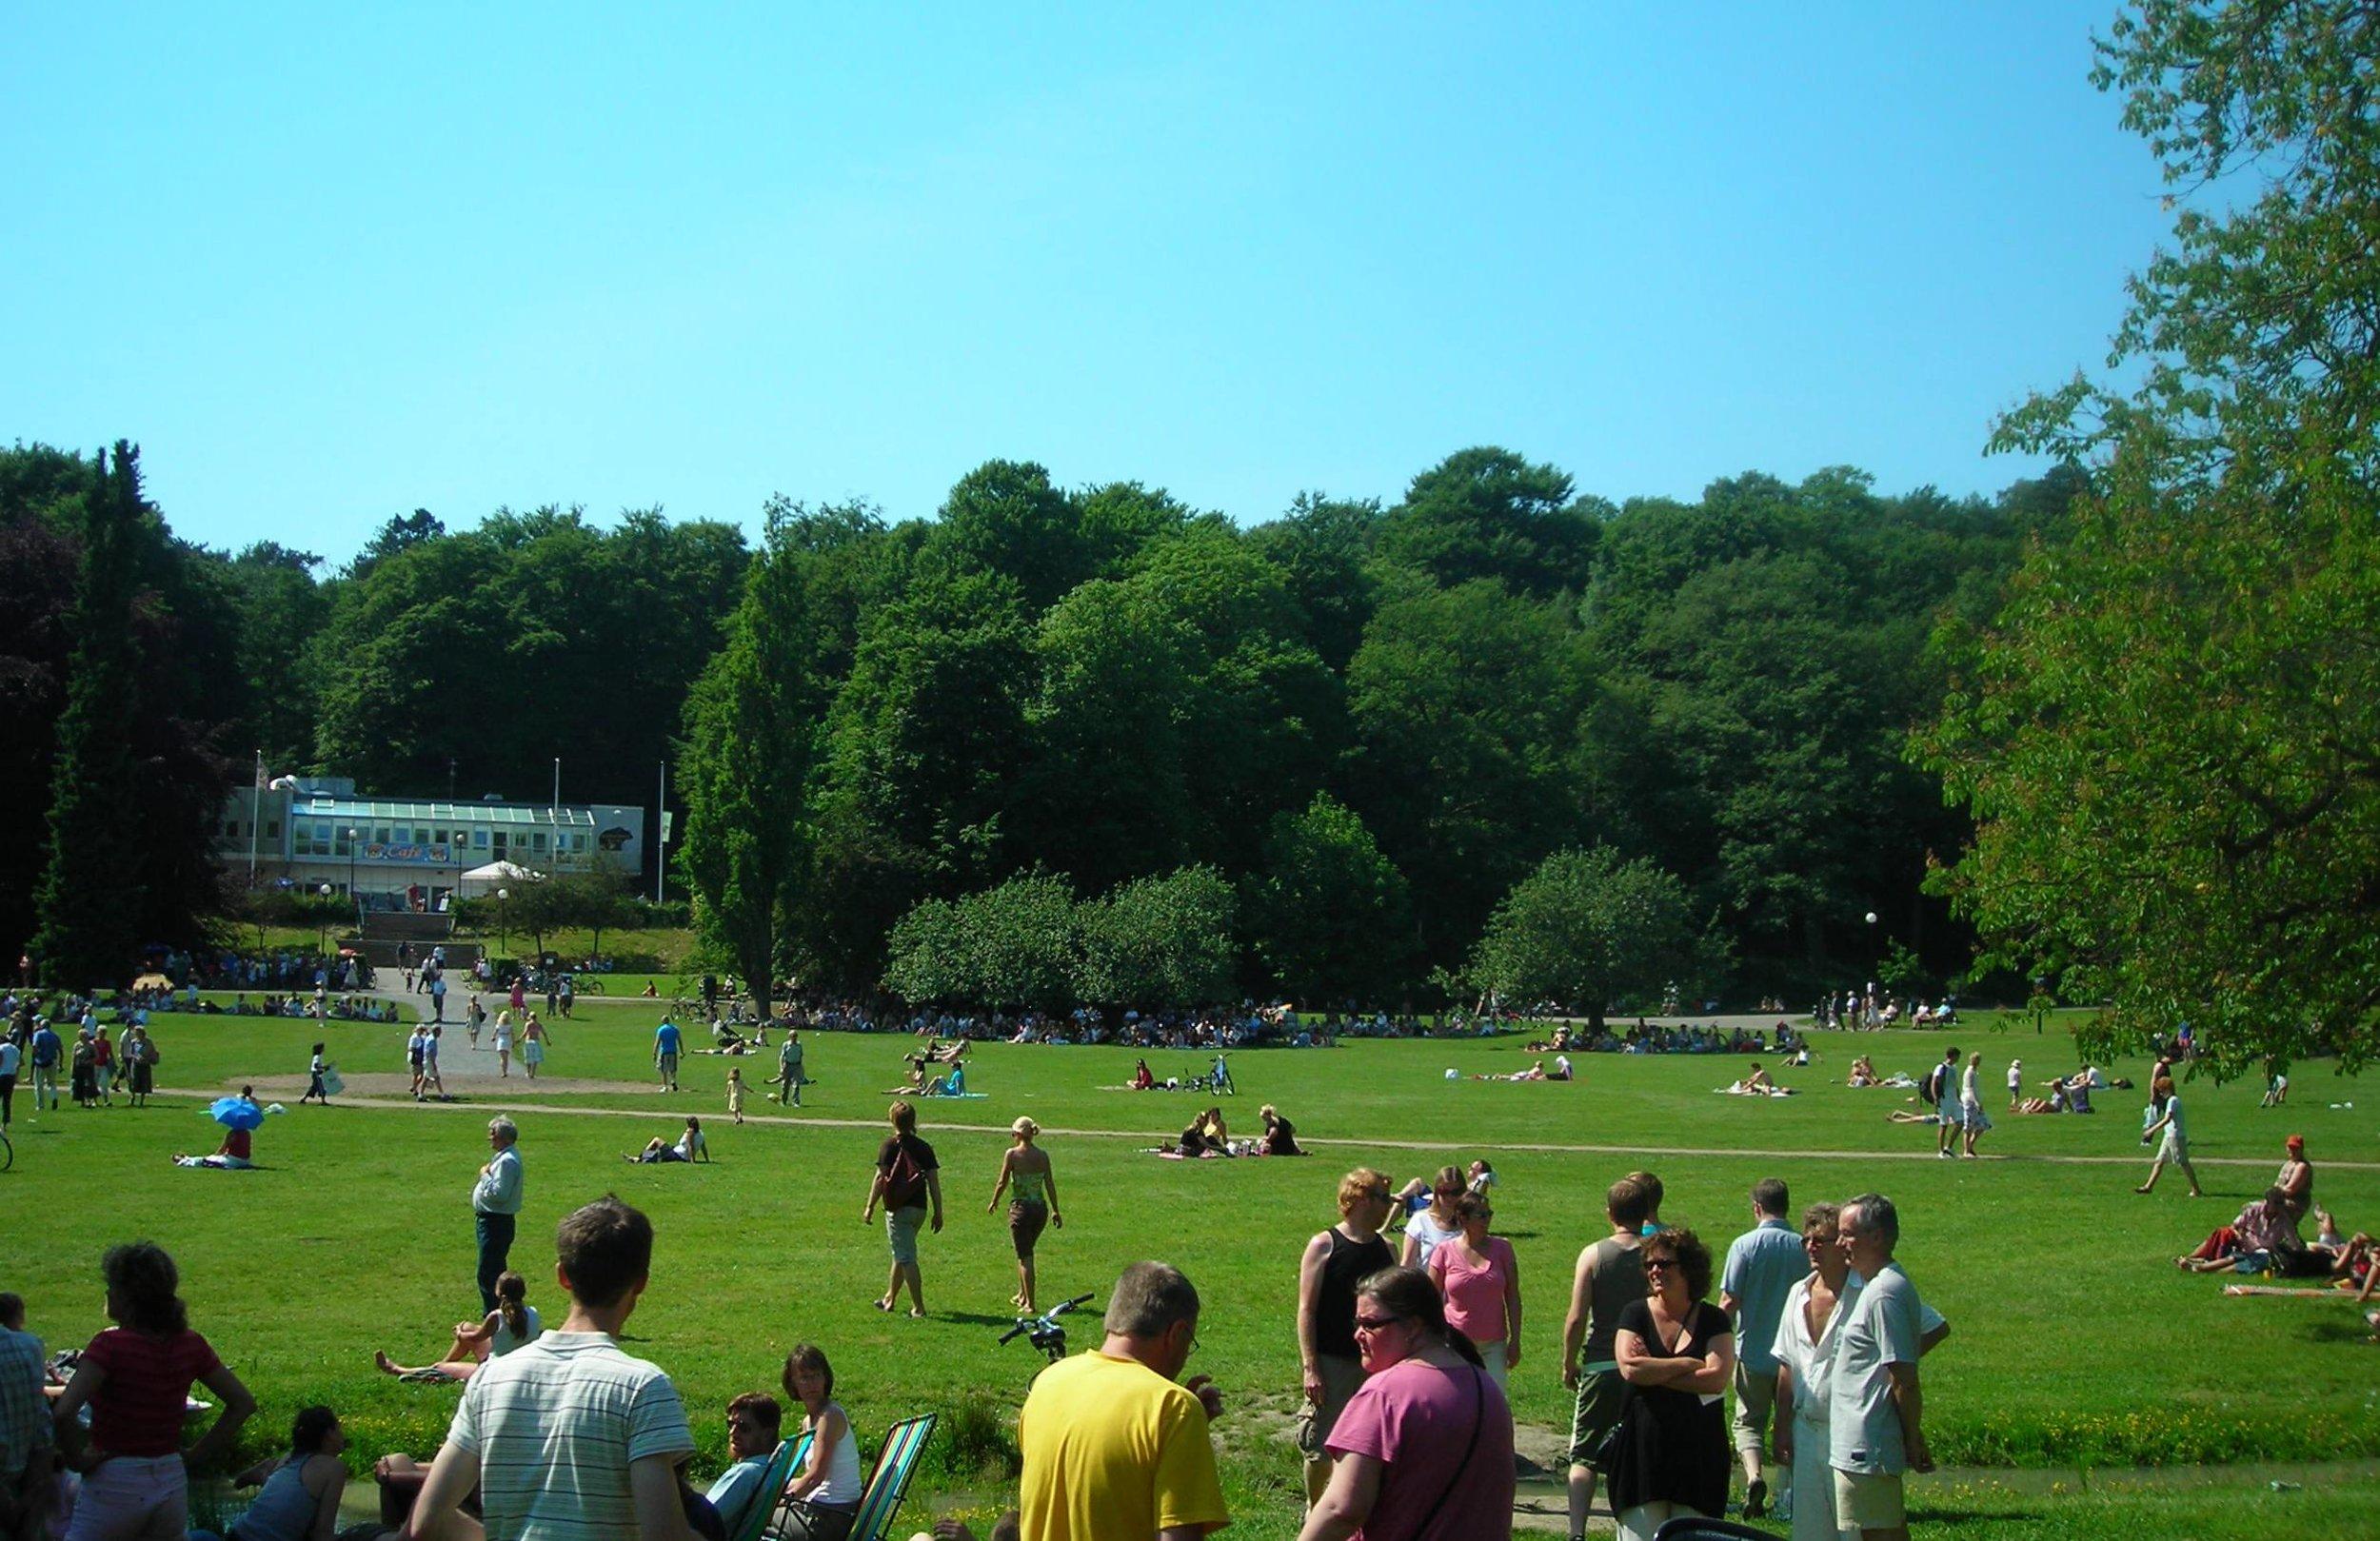 Slottskogen park in Gothenburg